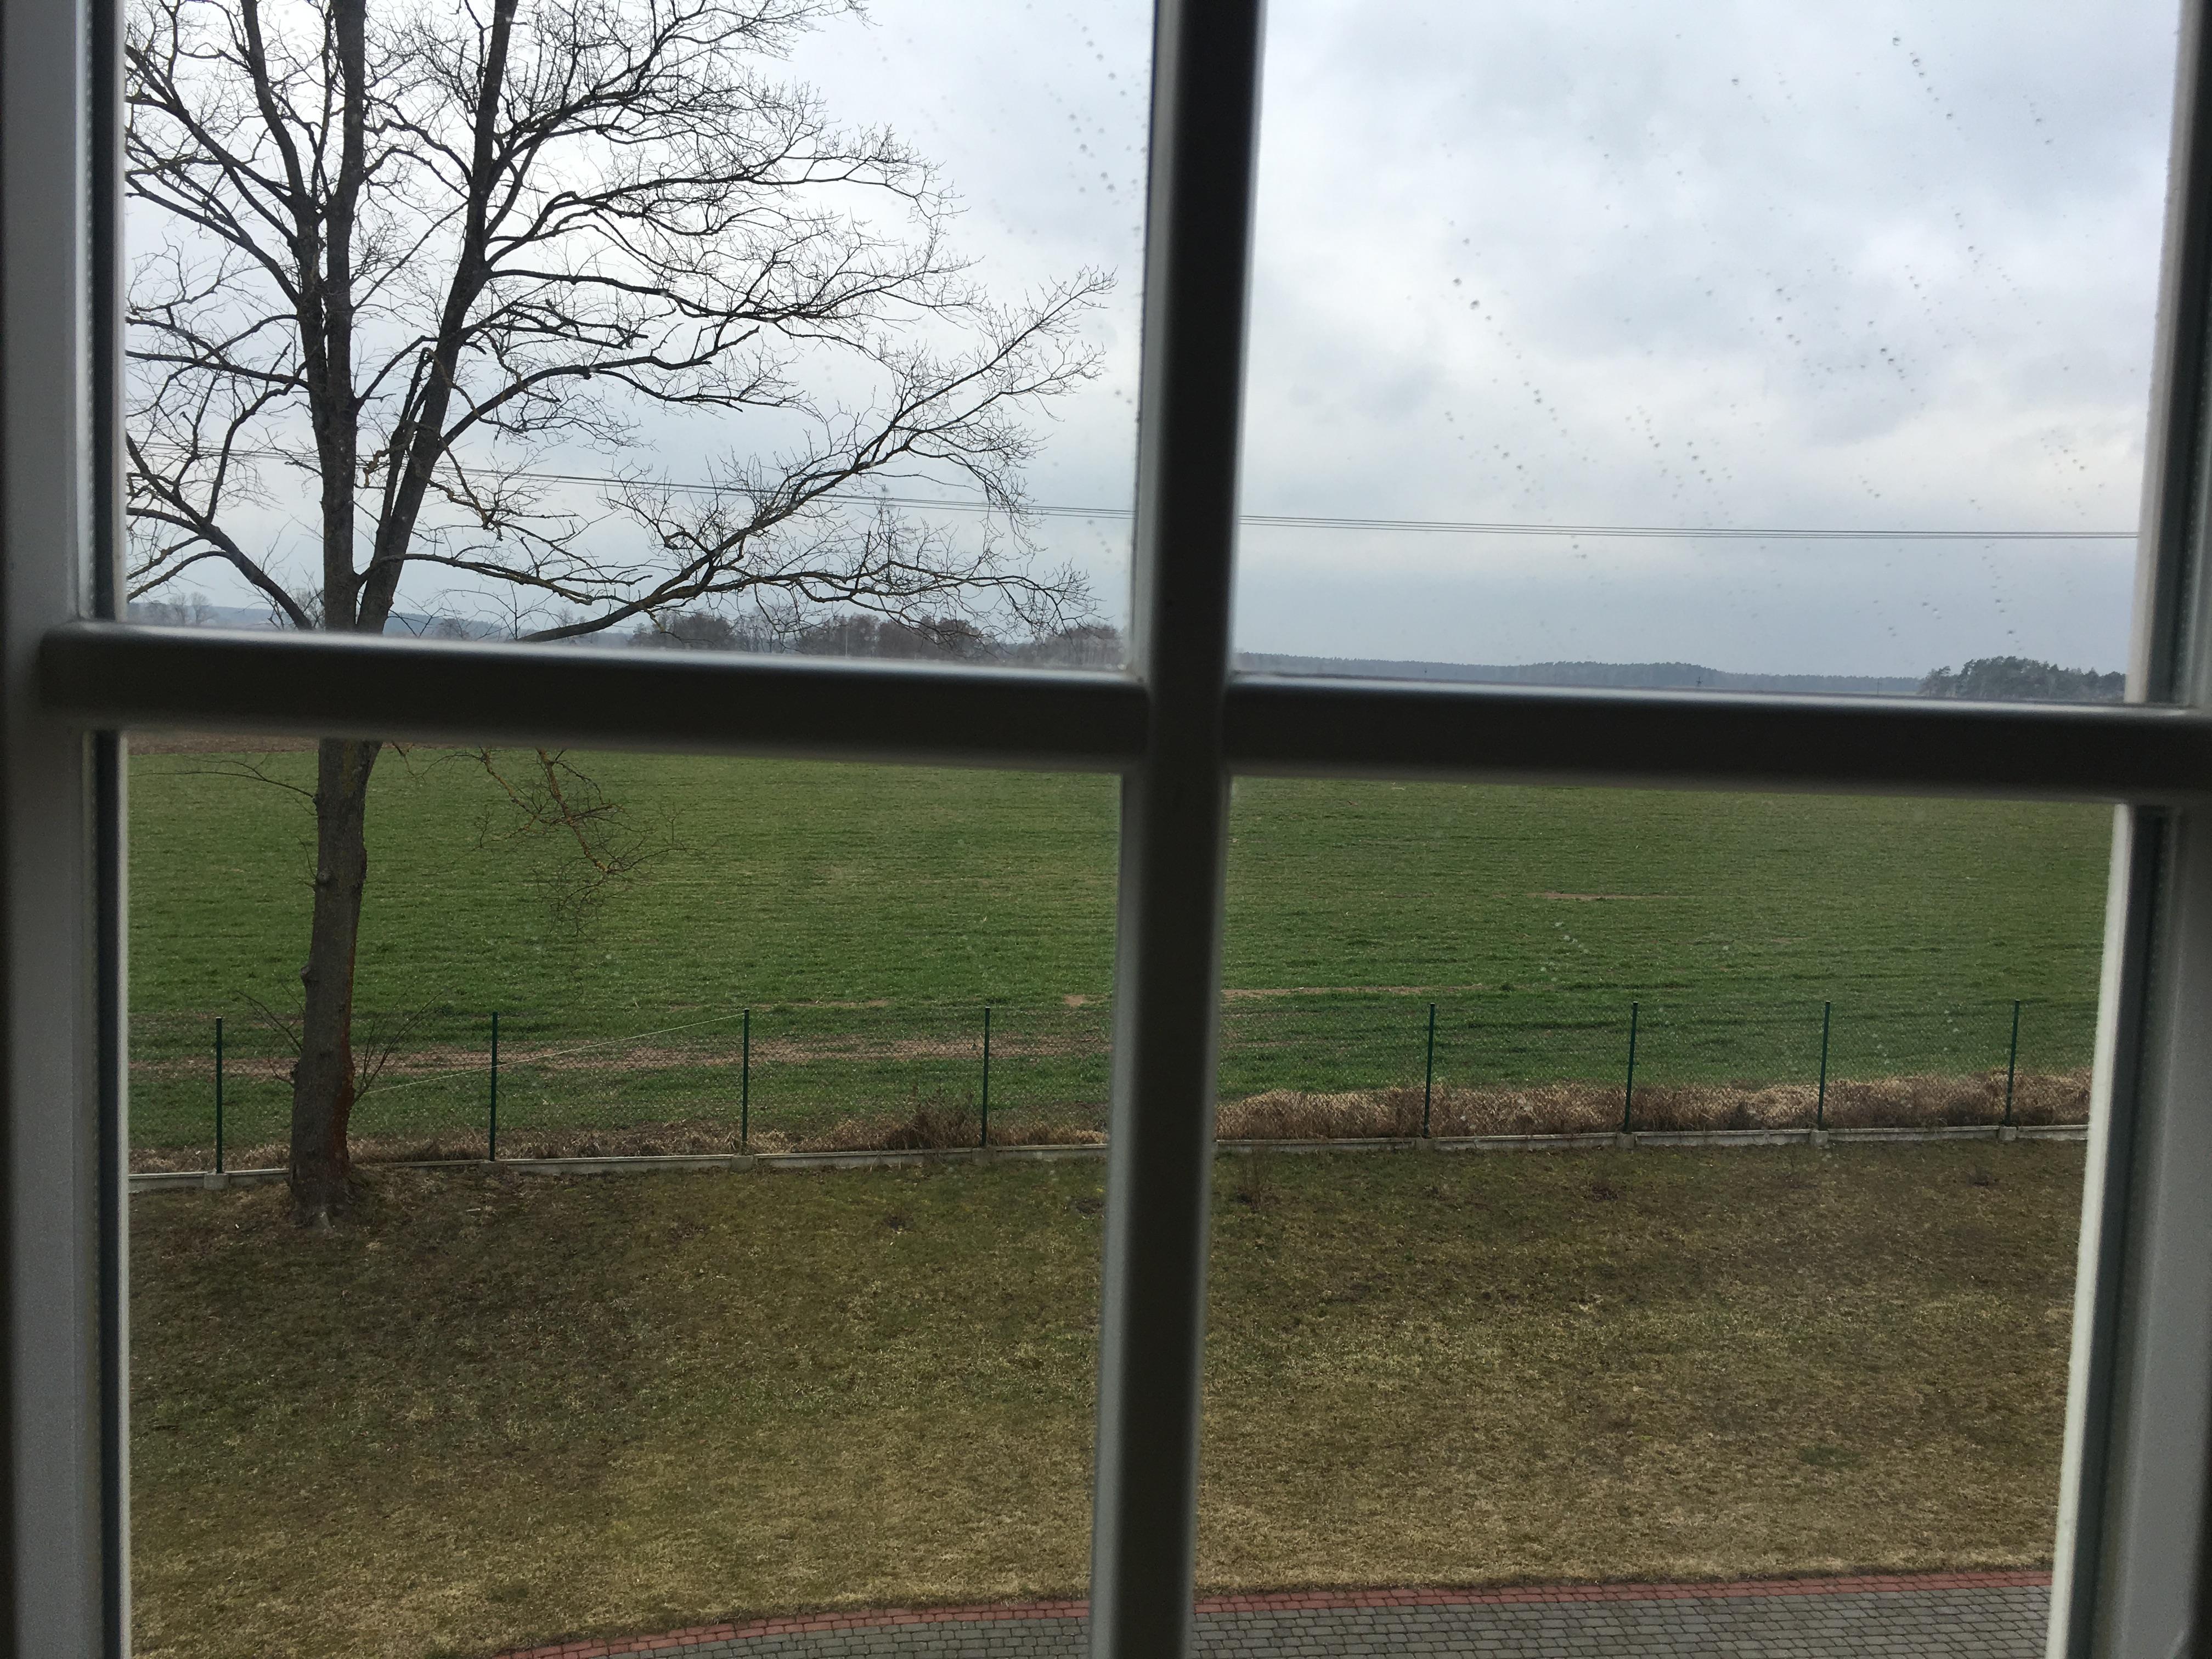 Widok przez okno z szprosem na otwartą przestrzeń z zieloną trawą, a z lewej strony wysokie drzewo bez liści.